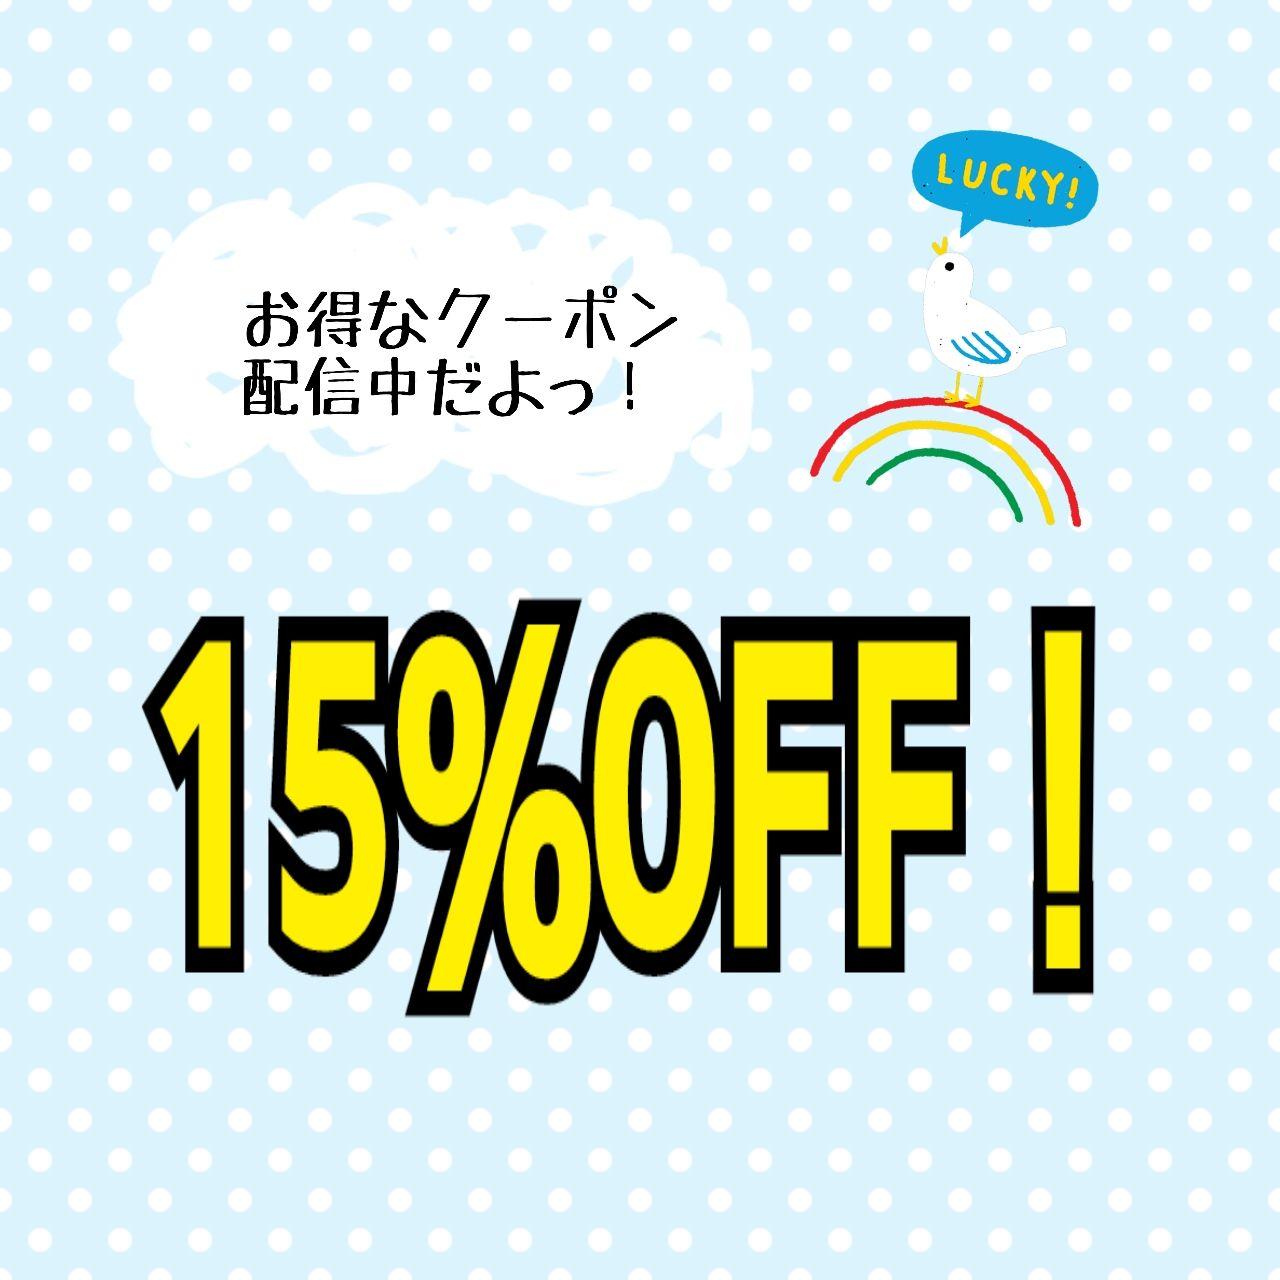 「今だけ15%OFF☆」の写真